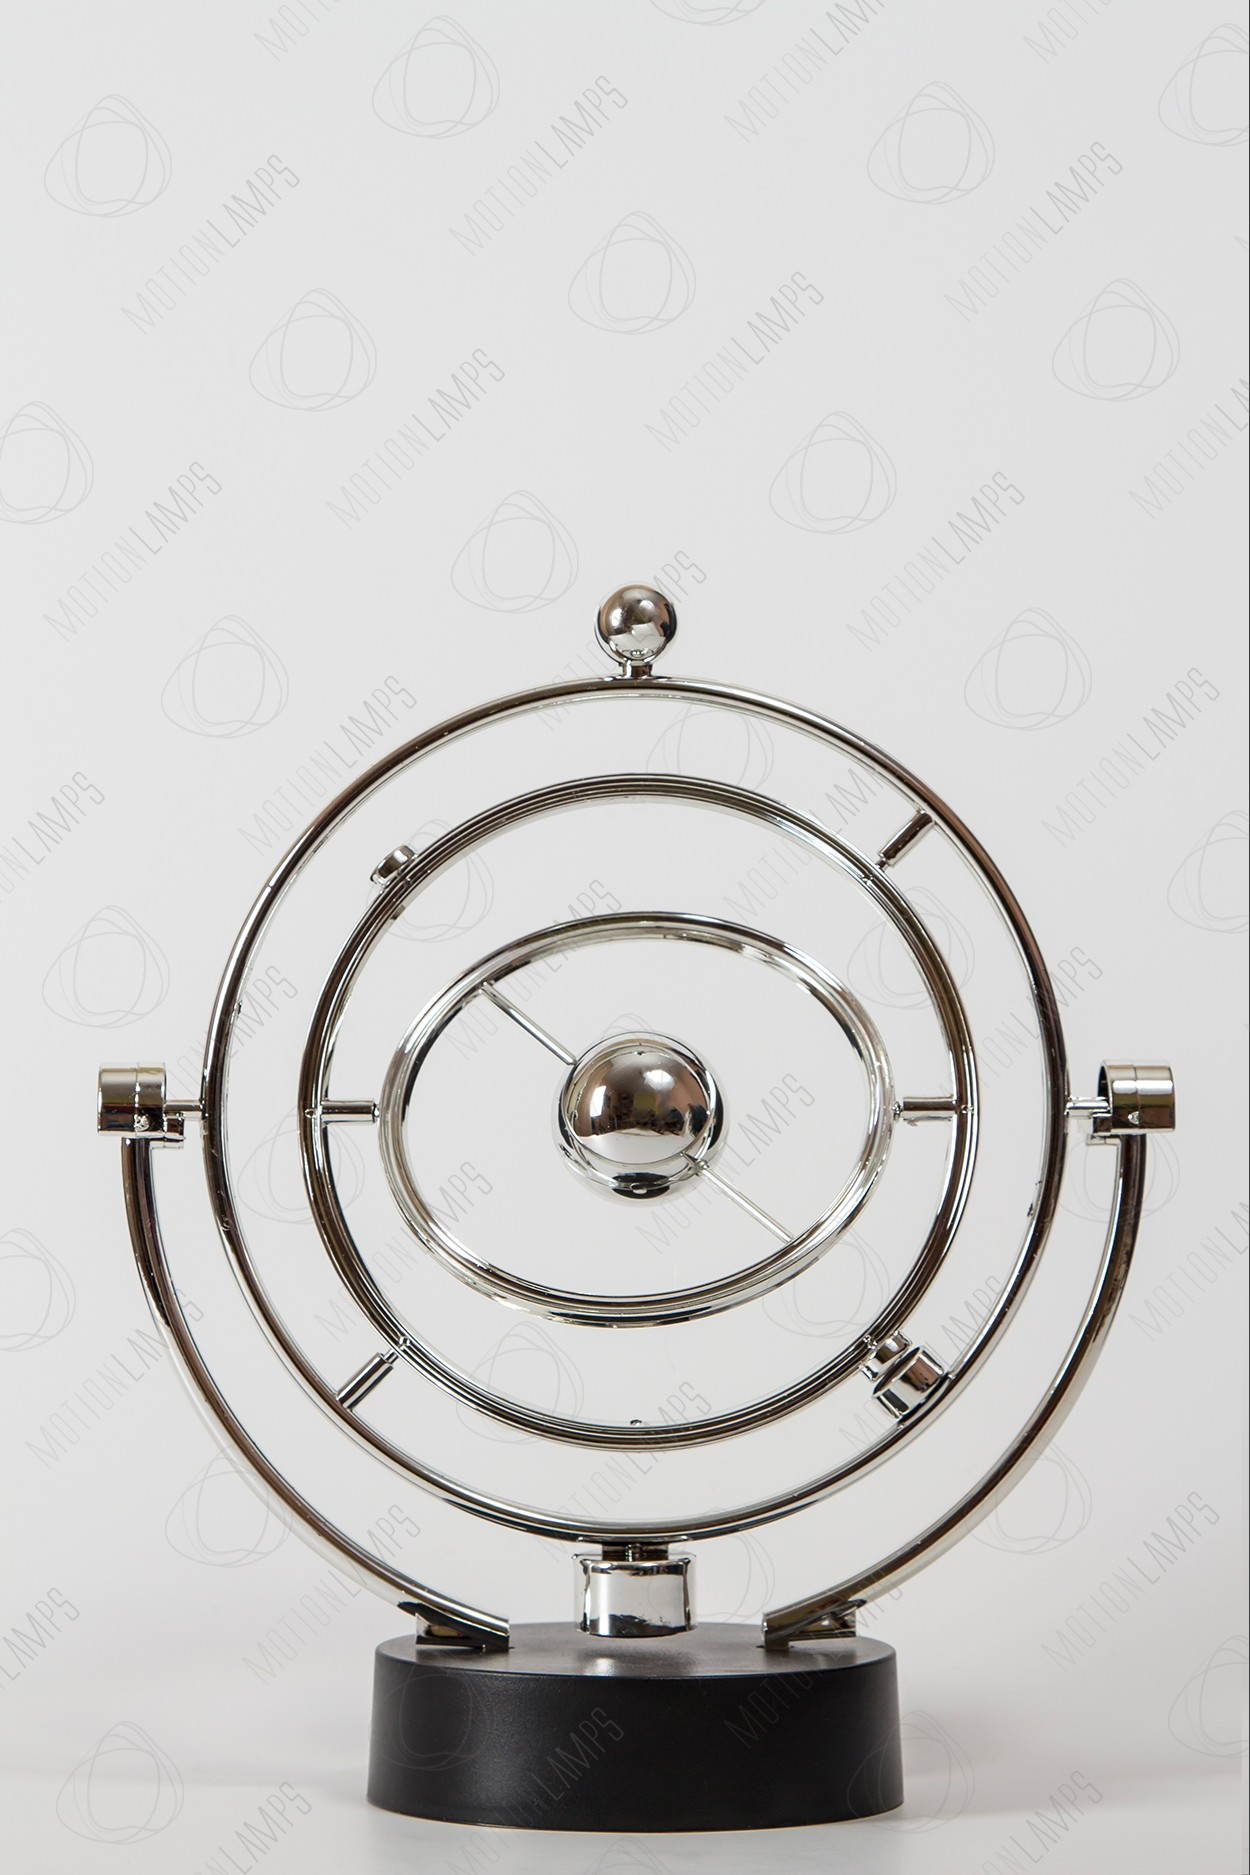 Магнитный маятник Сфера 4